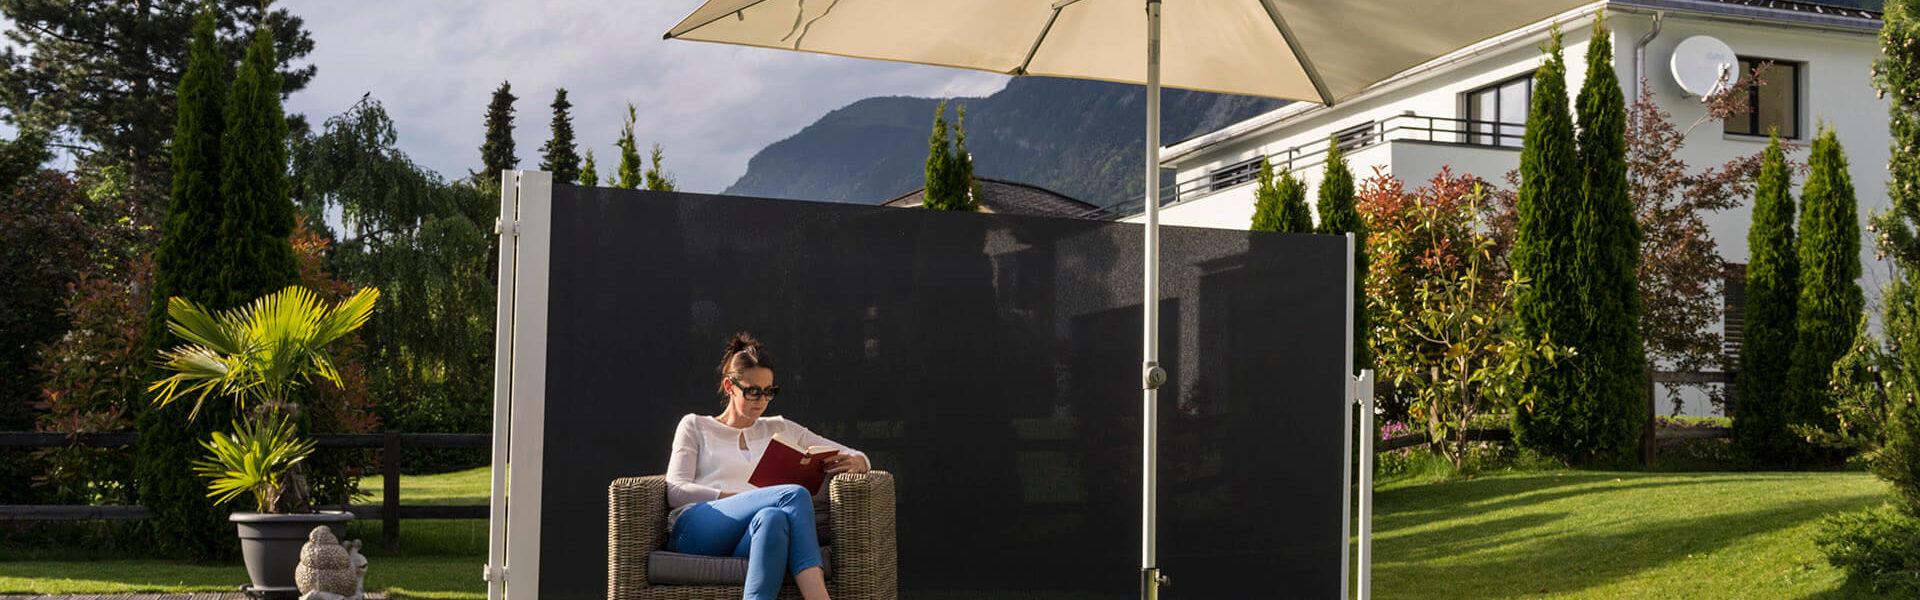 Eine Frau liest in ihrem Garten hinter einem Sichtschutz ungestört ein Buch.